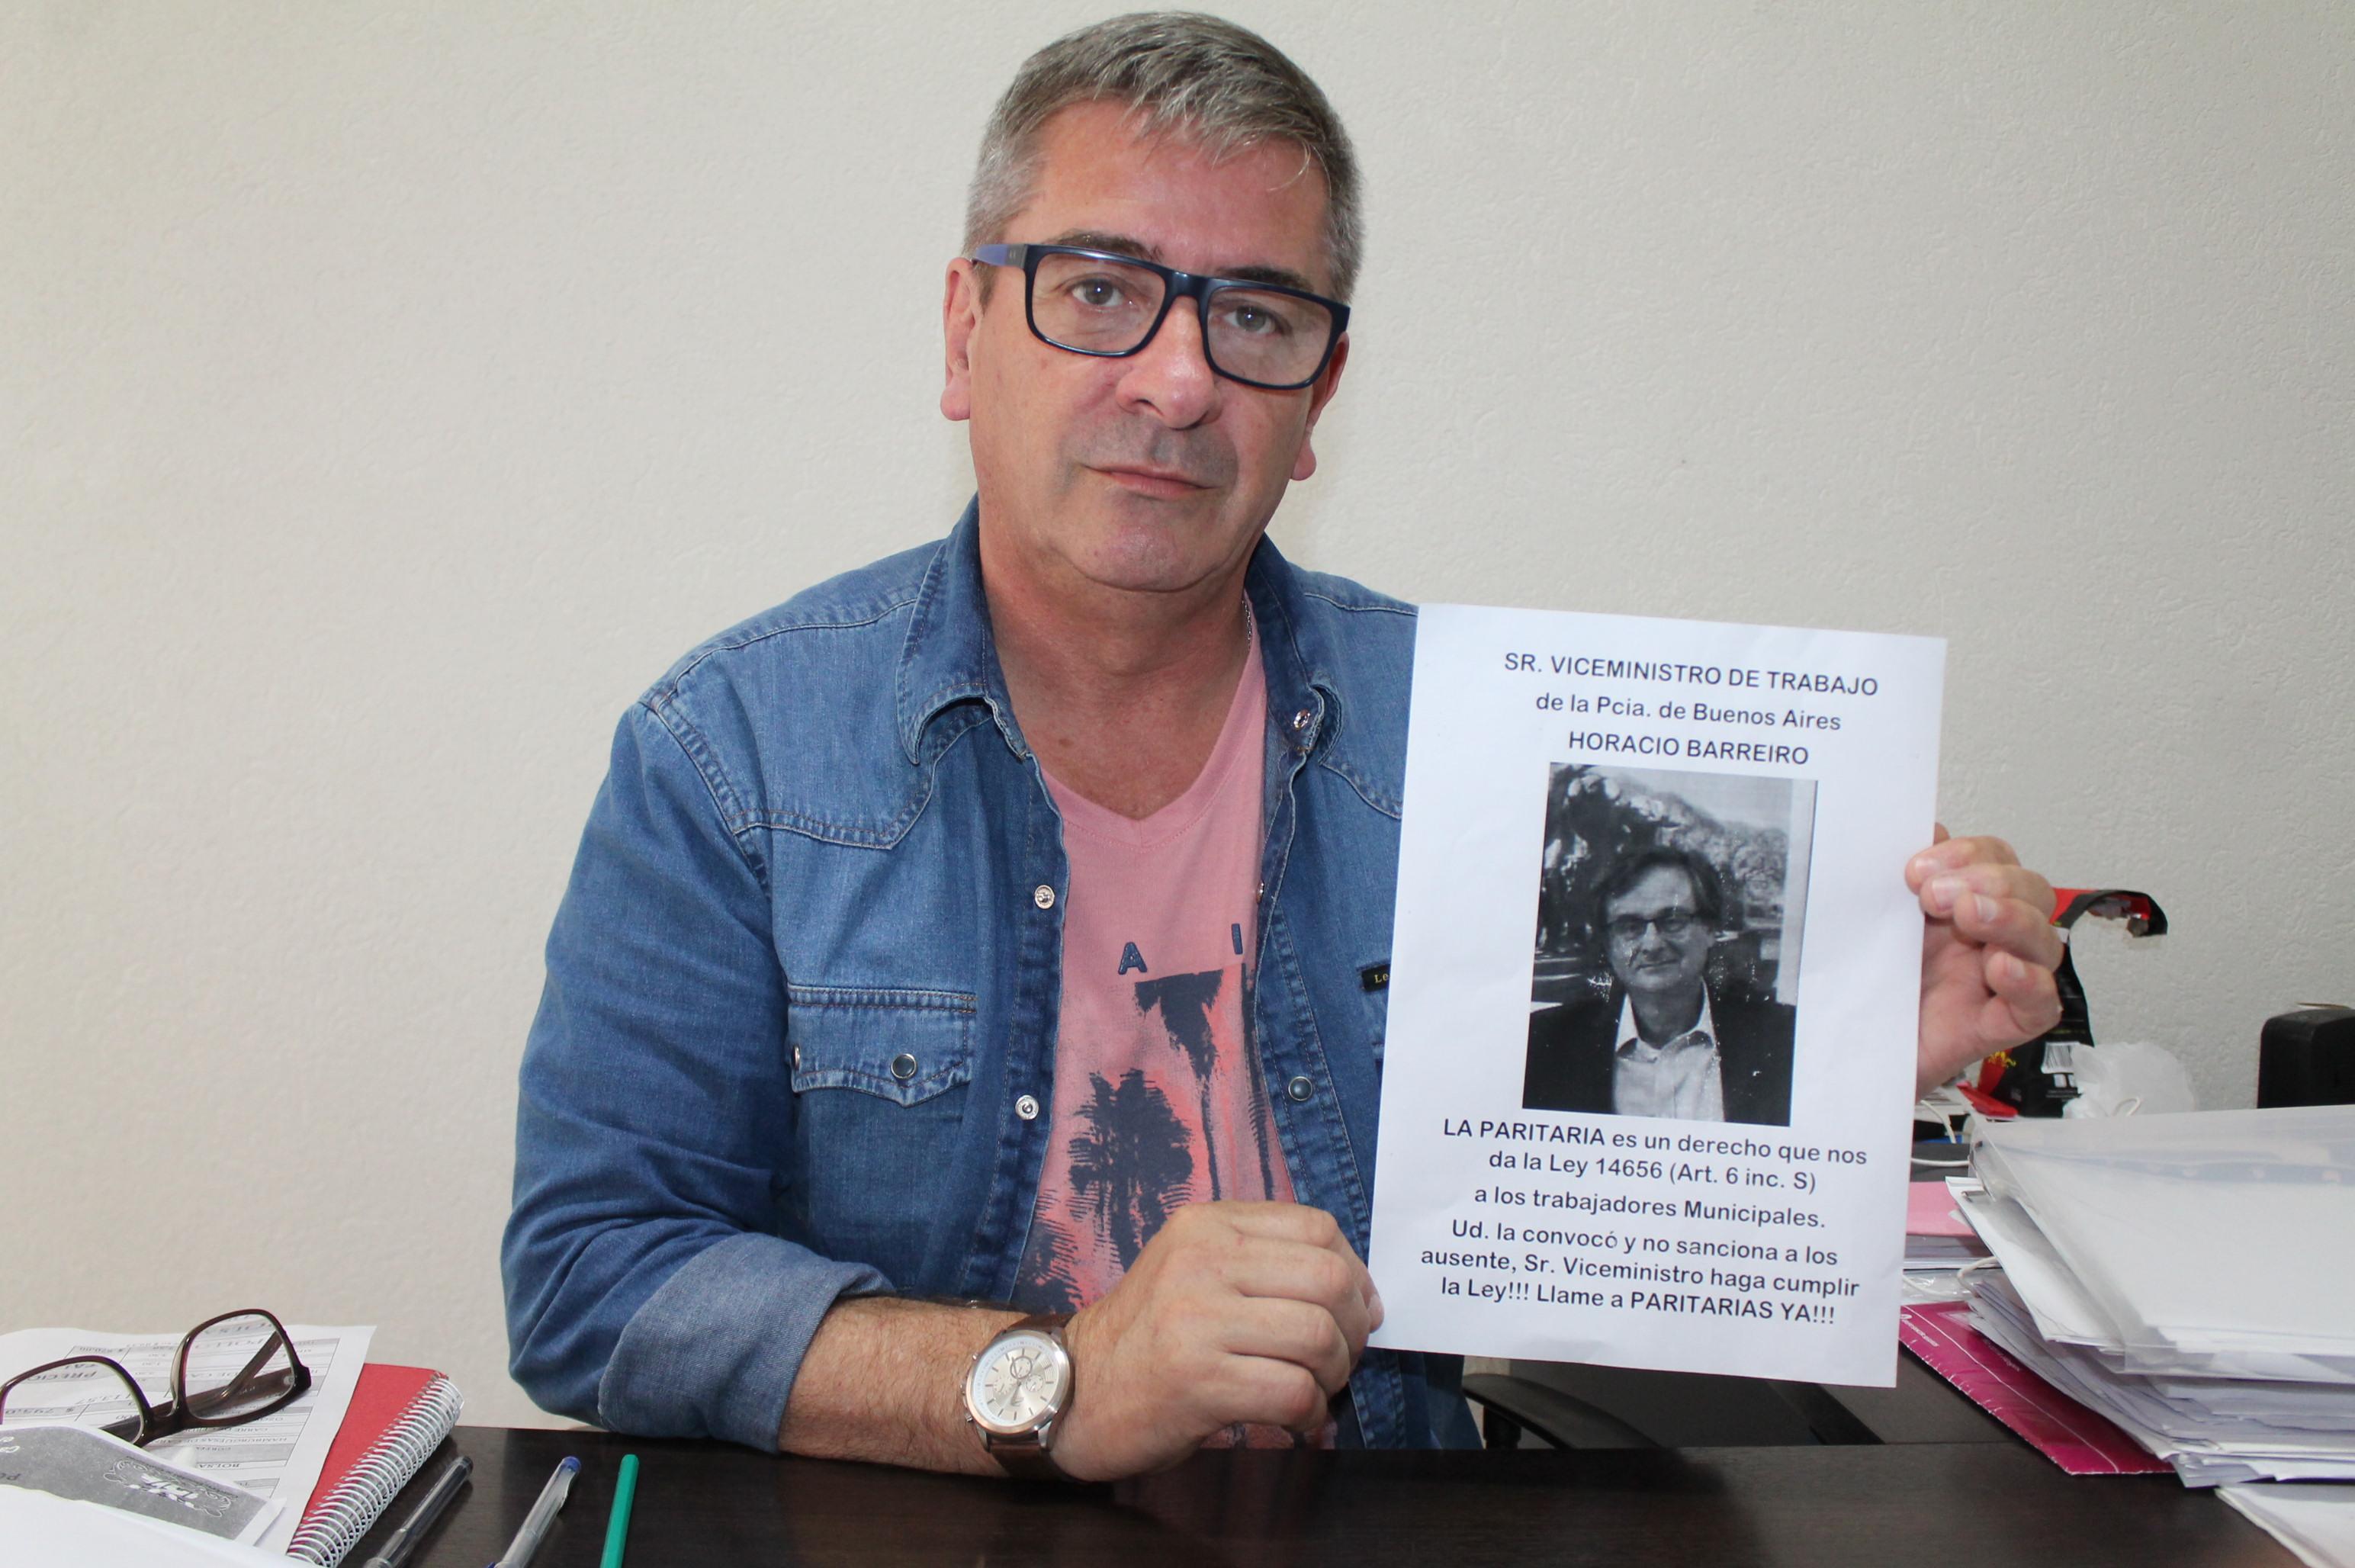 """Municipales de La Plata reclaman Paritarias: """"Confunden a la gente en medio de la crisis"""", dijo Hernández"""